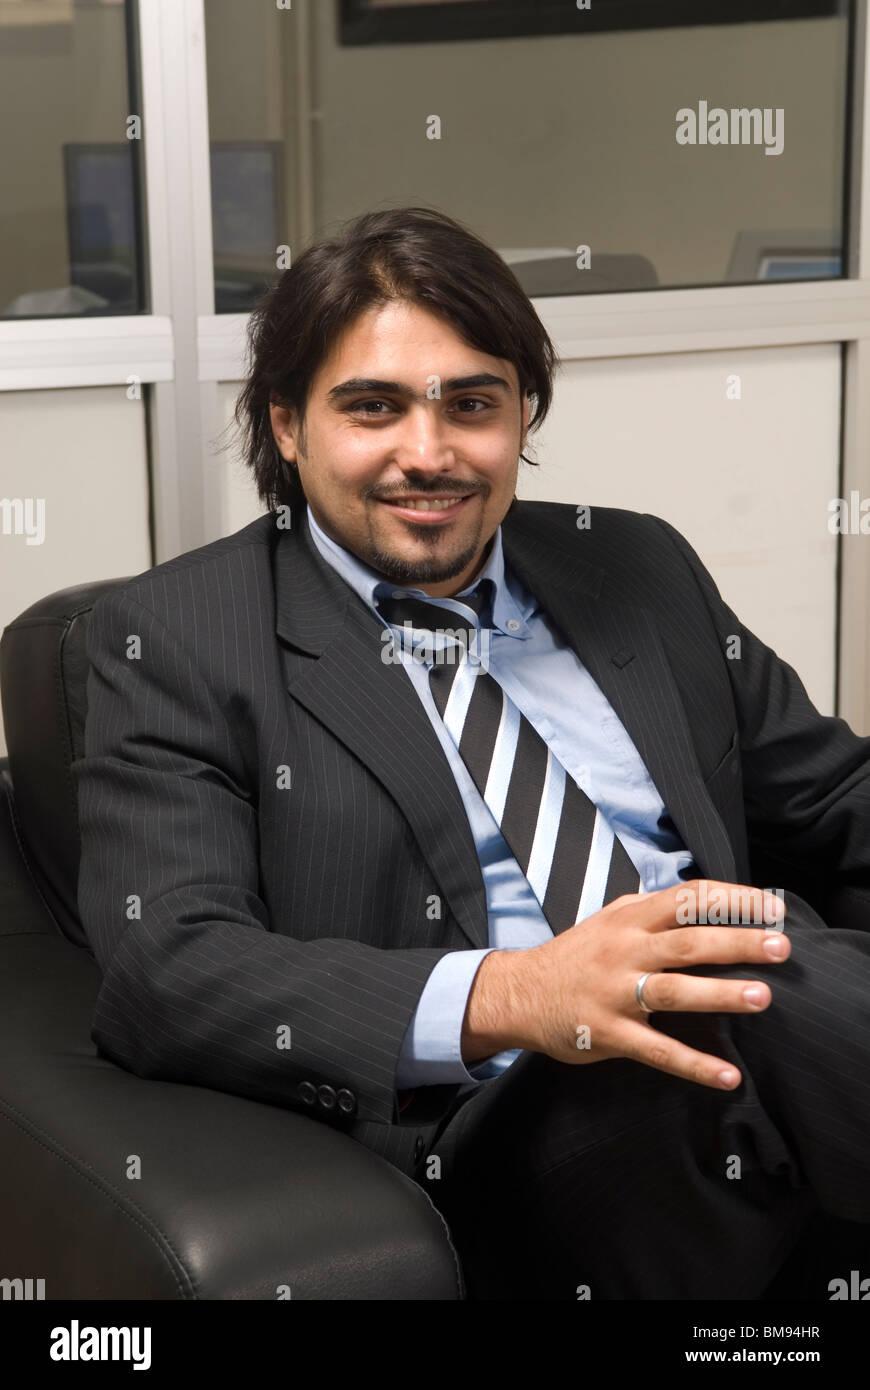 Imprenditore sorridente sat all'interno di office sorridente Beirut Libano Medio Oriente Immagini Stock